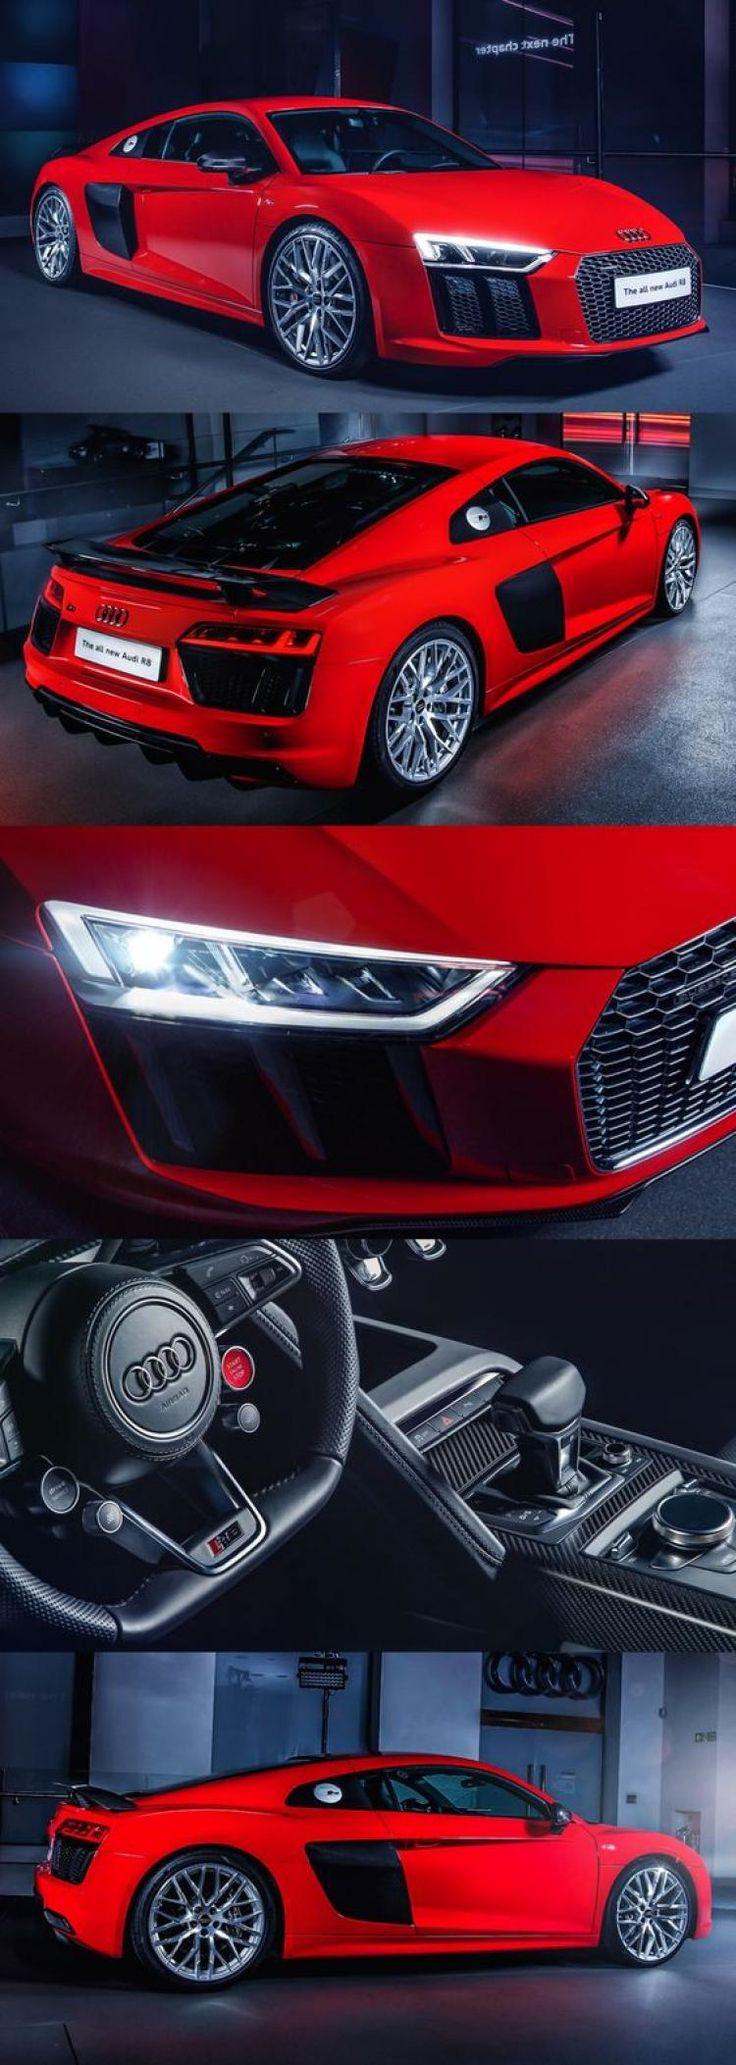 Super Red 2017 Audi R8 V10 Plus #audi #audir8 #audir8v10 #audir8plus #audir8v10plus